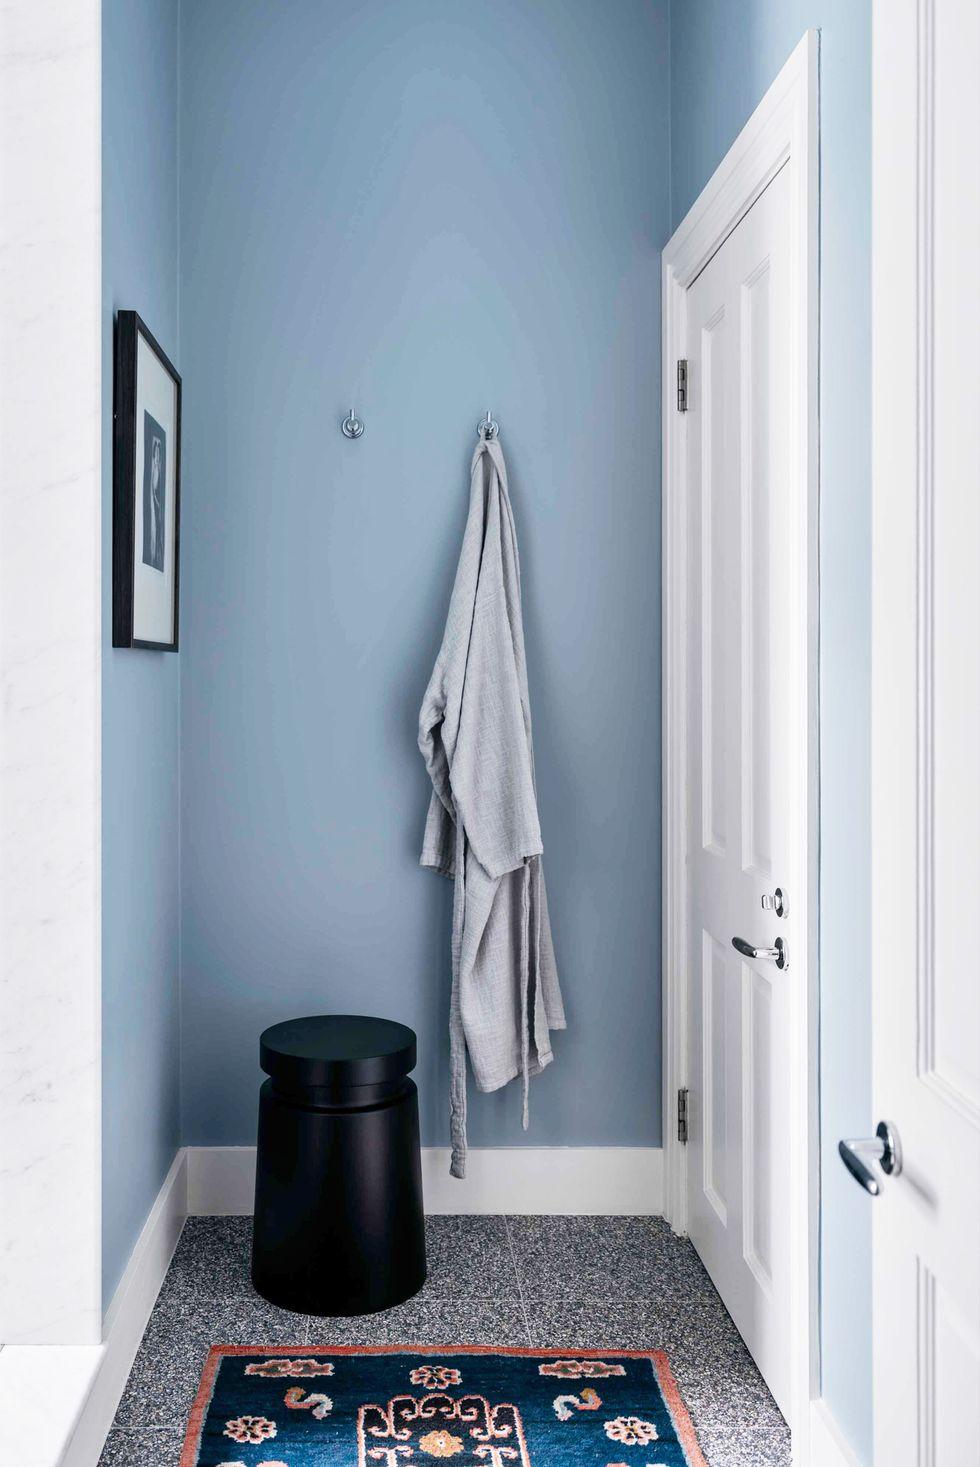 Hình ảnh phòng tắm nhỏ sơn màu xanh da trời, thảm trải họa tiết thổ cẩm cầu kỳ